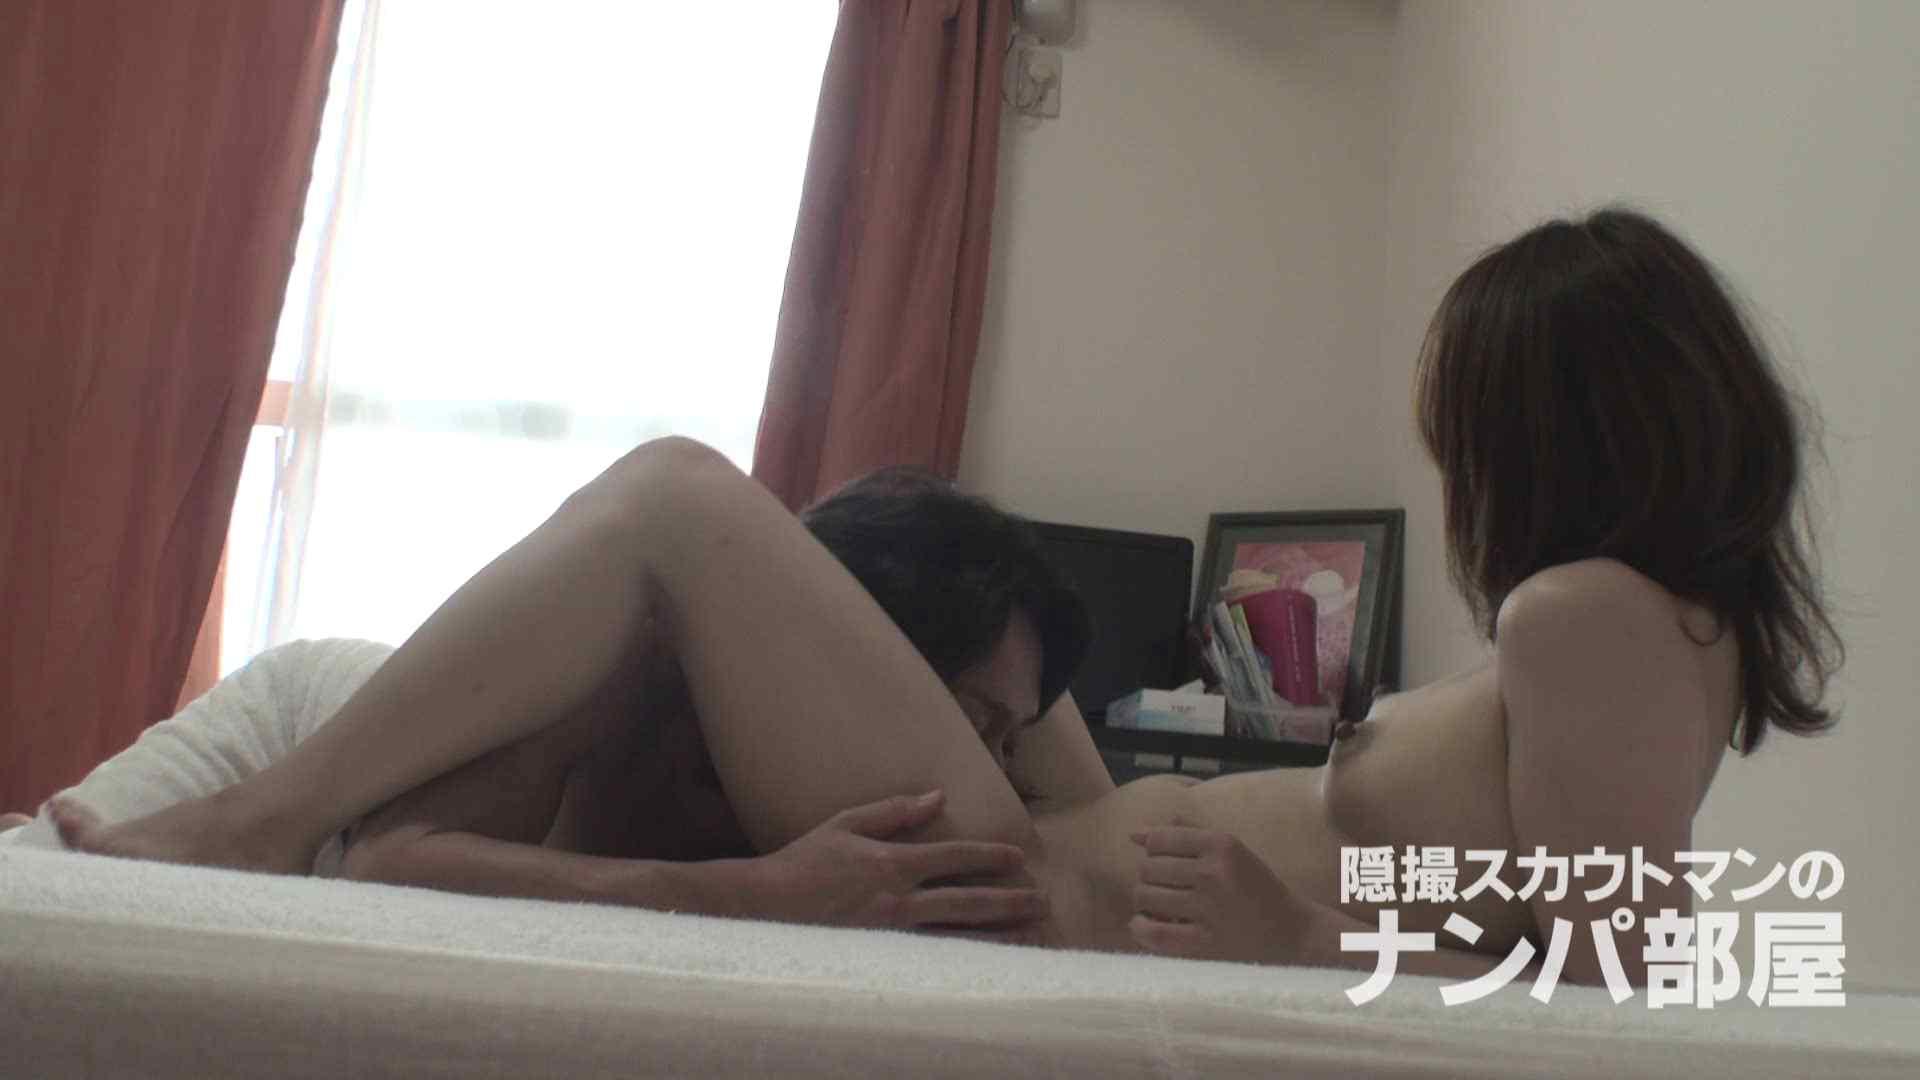 隠撮スカウトマンのナンパ部屋~風俗デビュー前のつまみ食い~ sii 隠撮 | 脱衣所  94pic 79